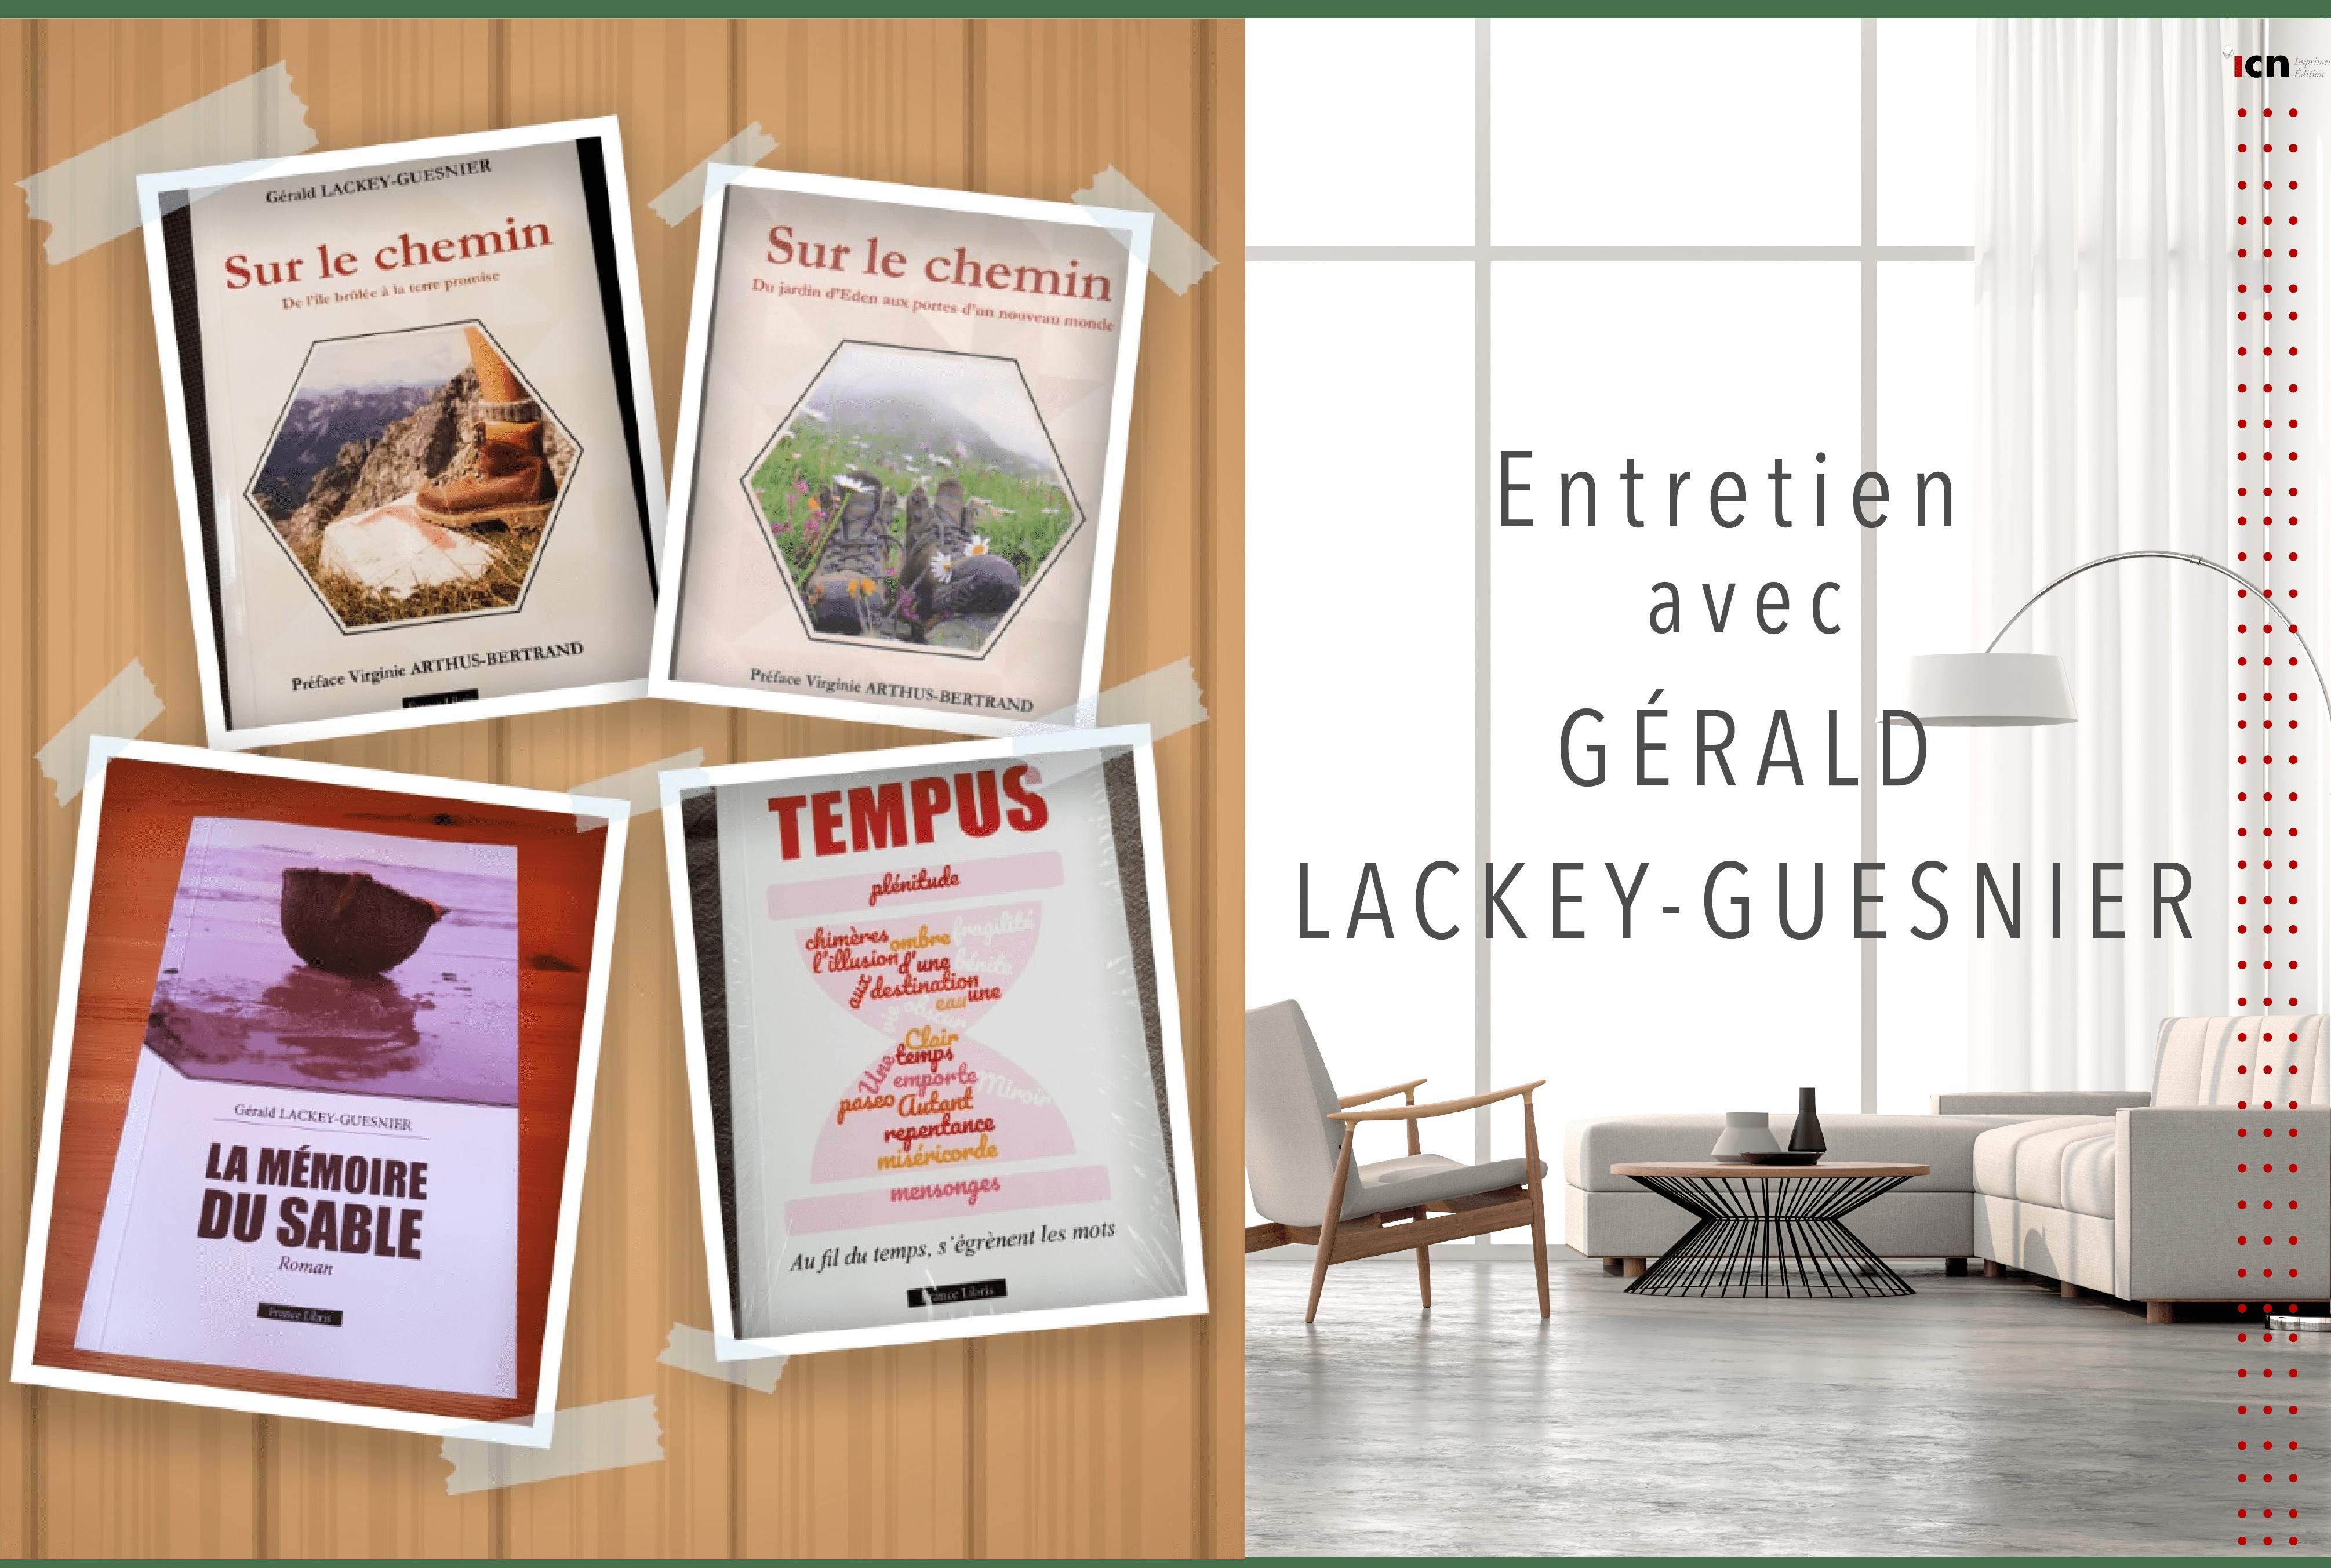 Entretien avec Gérald Lackey-Guesnier